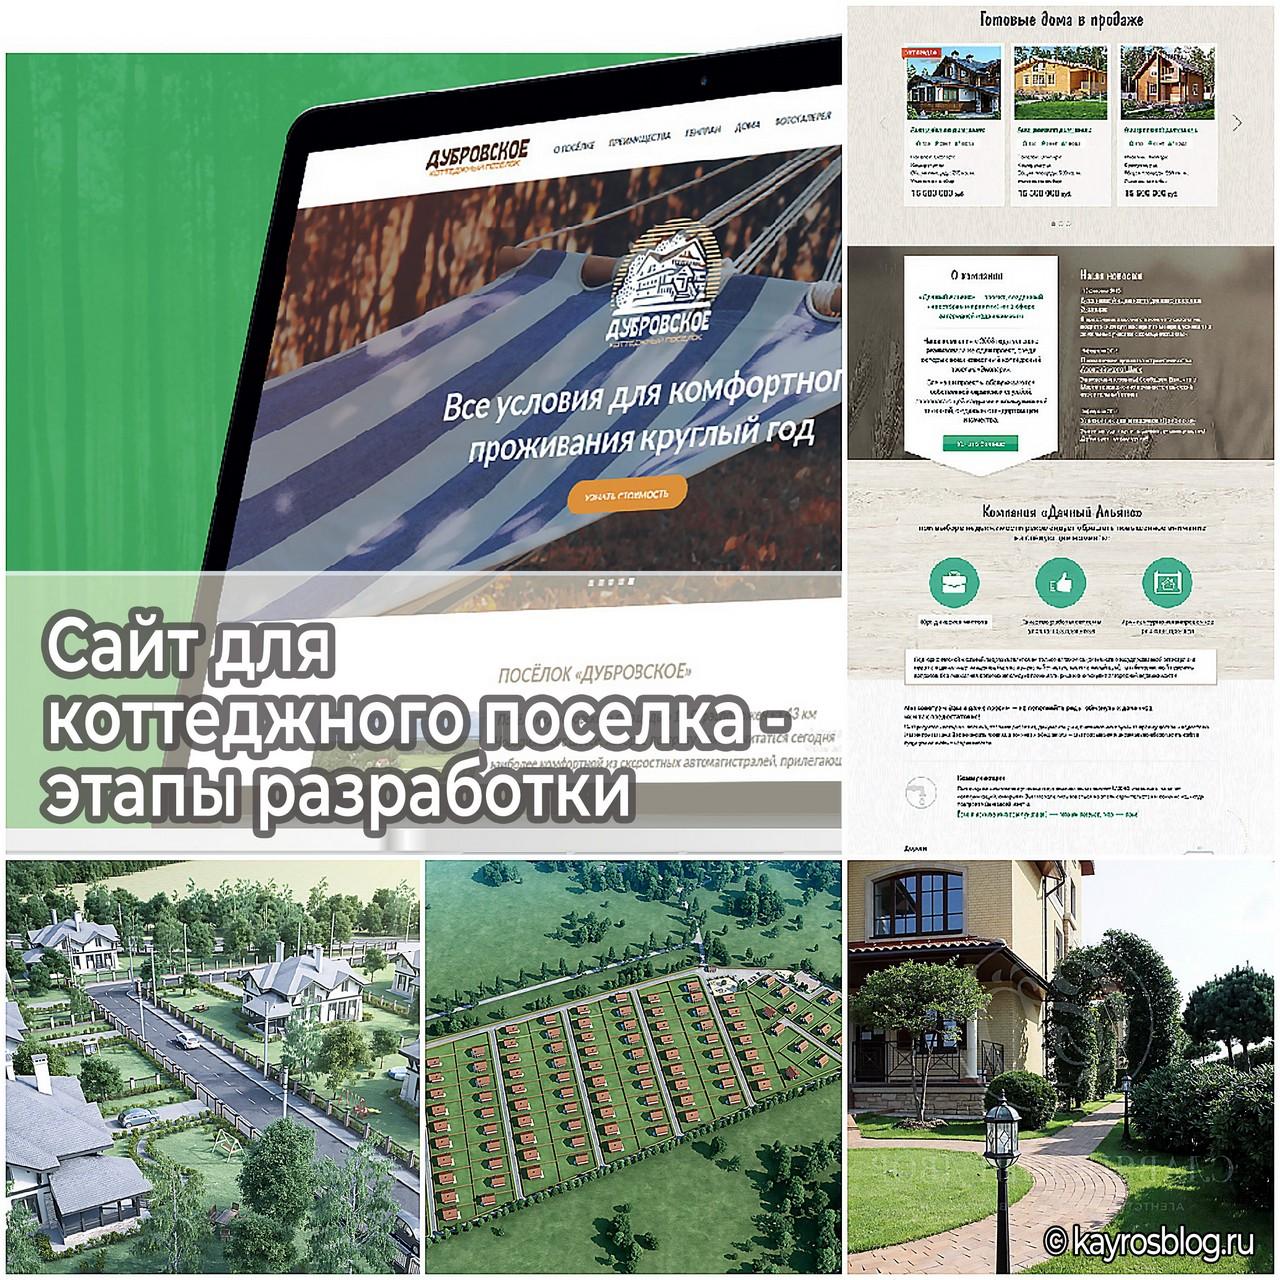 Сайт для коттеджного поселка - этапы разработки